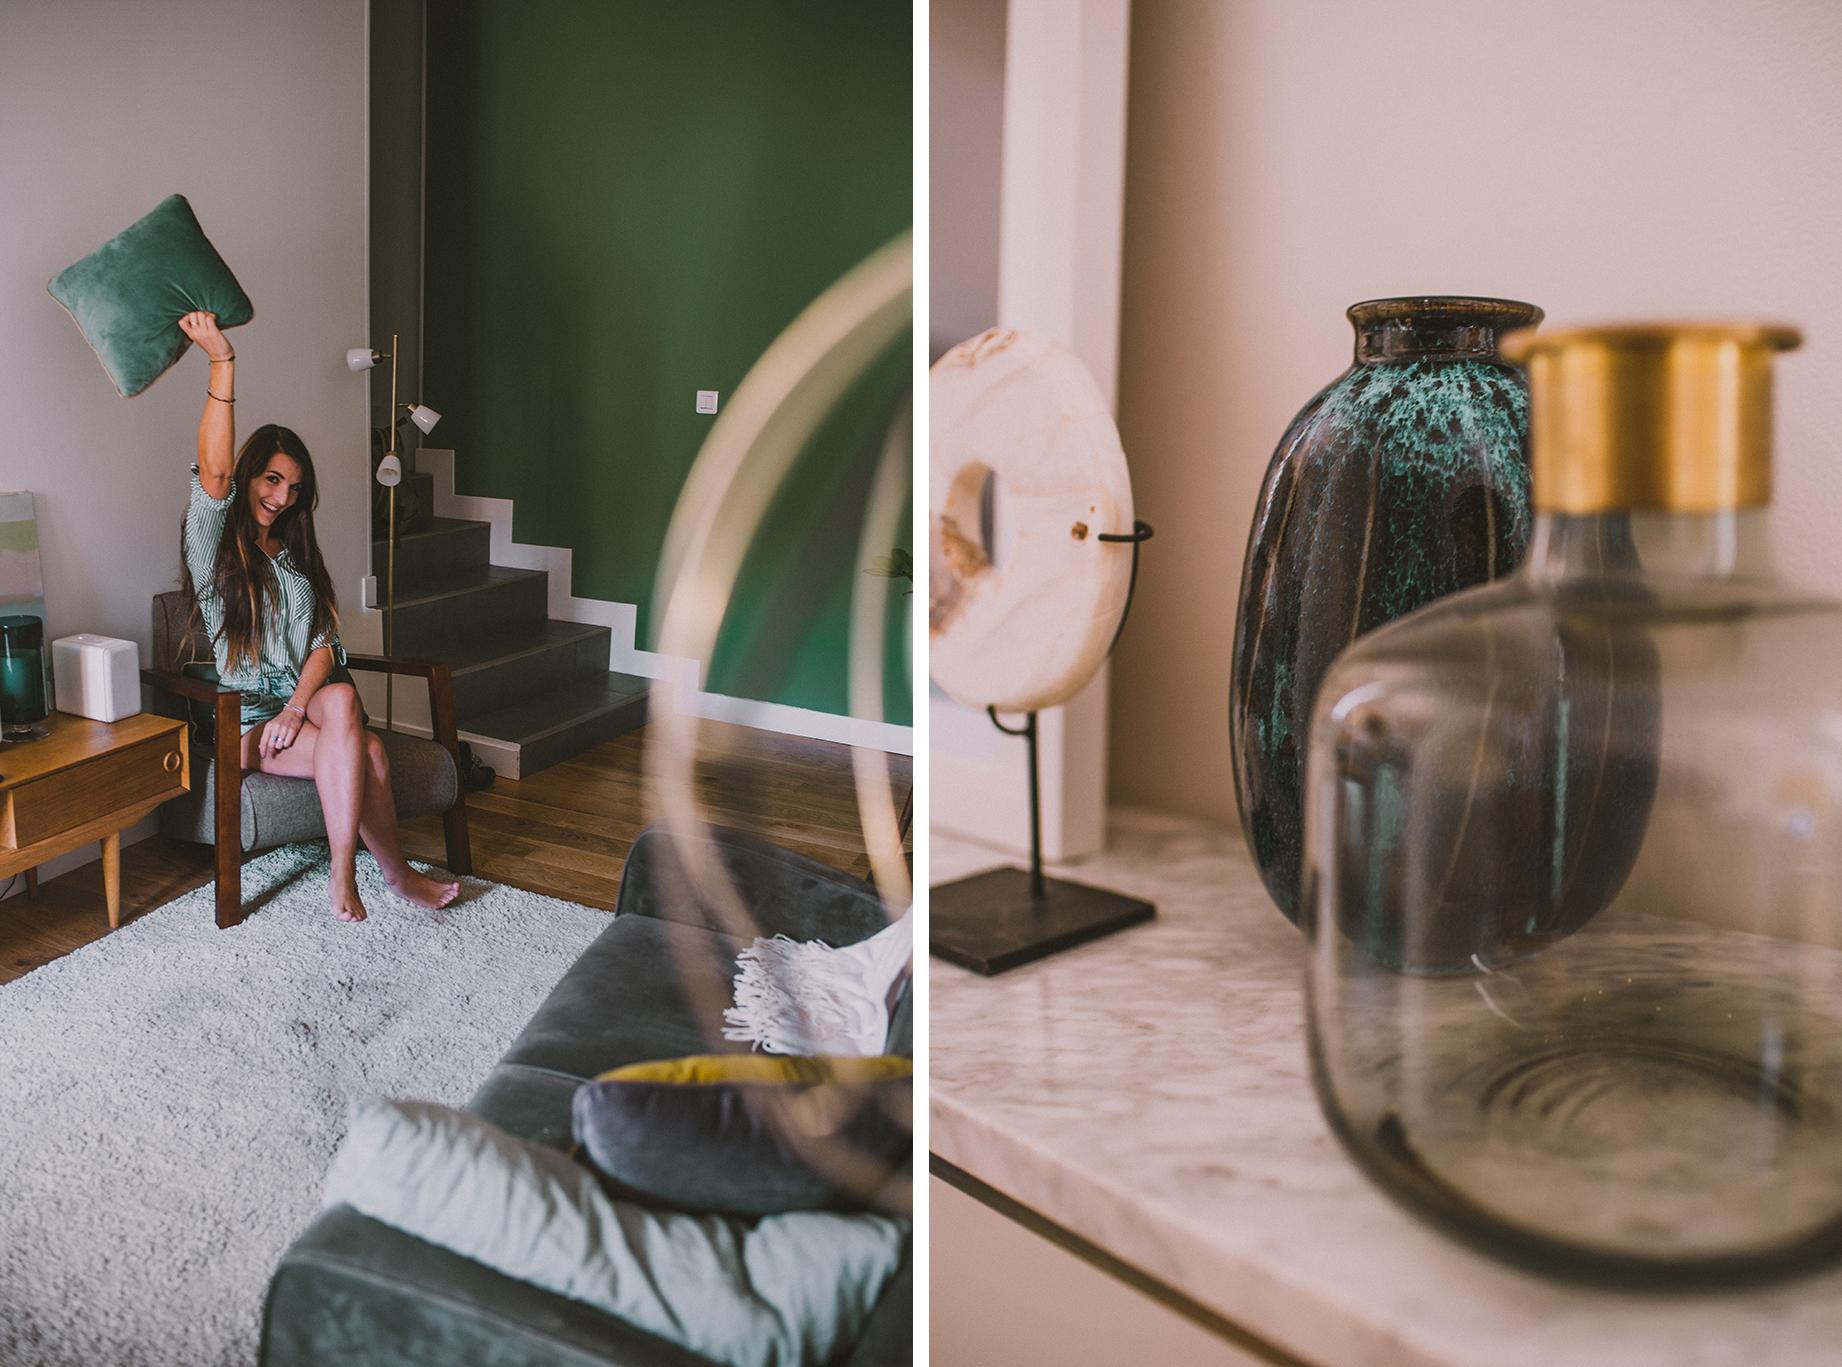 j'ai testé bnblord, la conciergerie airbnb qui t'aide à louer ton